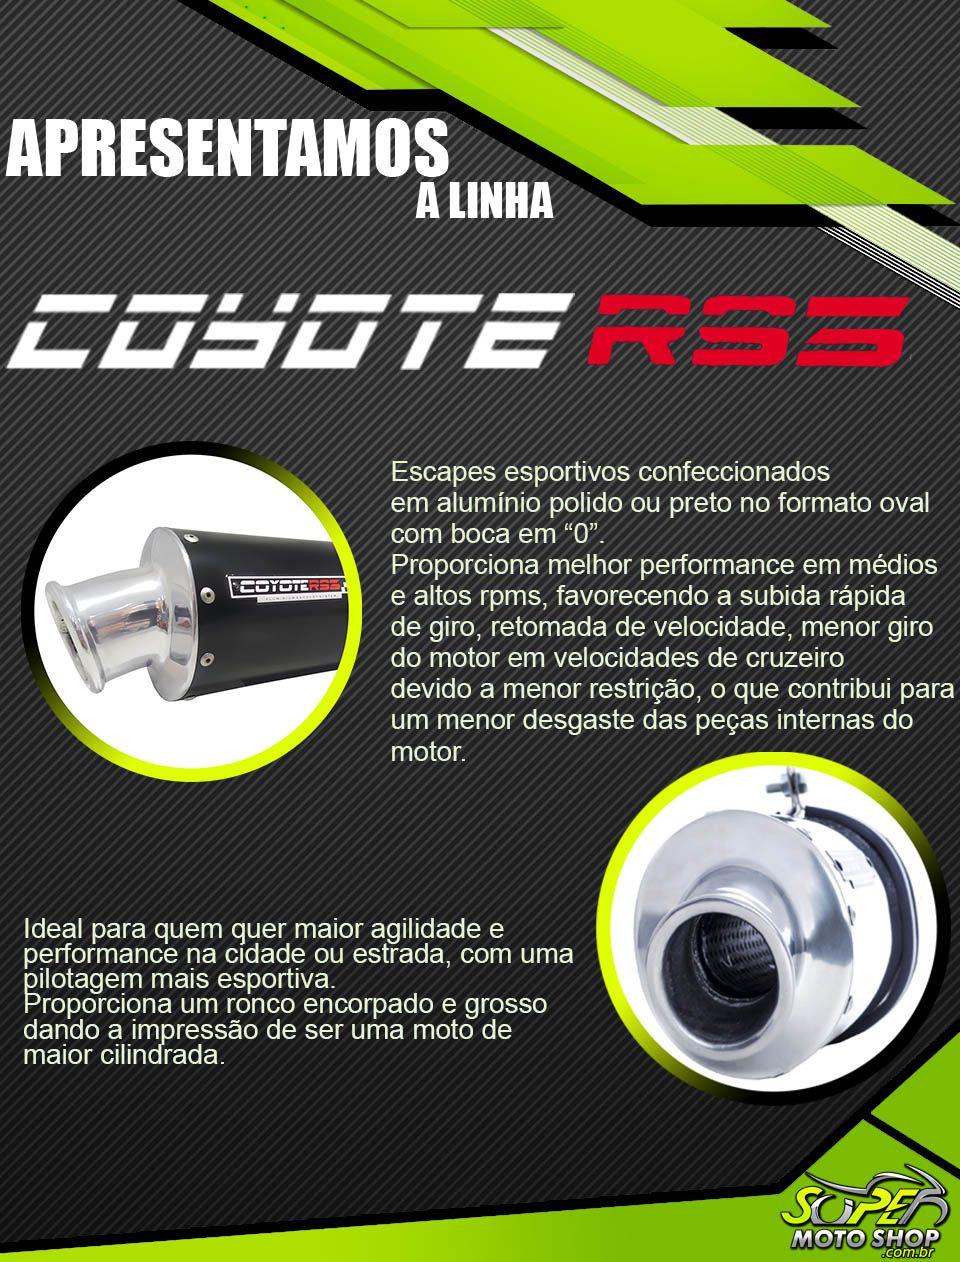 Escape / Ponteira Coyote RS3 Alumínio Oval - Bandit 600 N - Suzuki